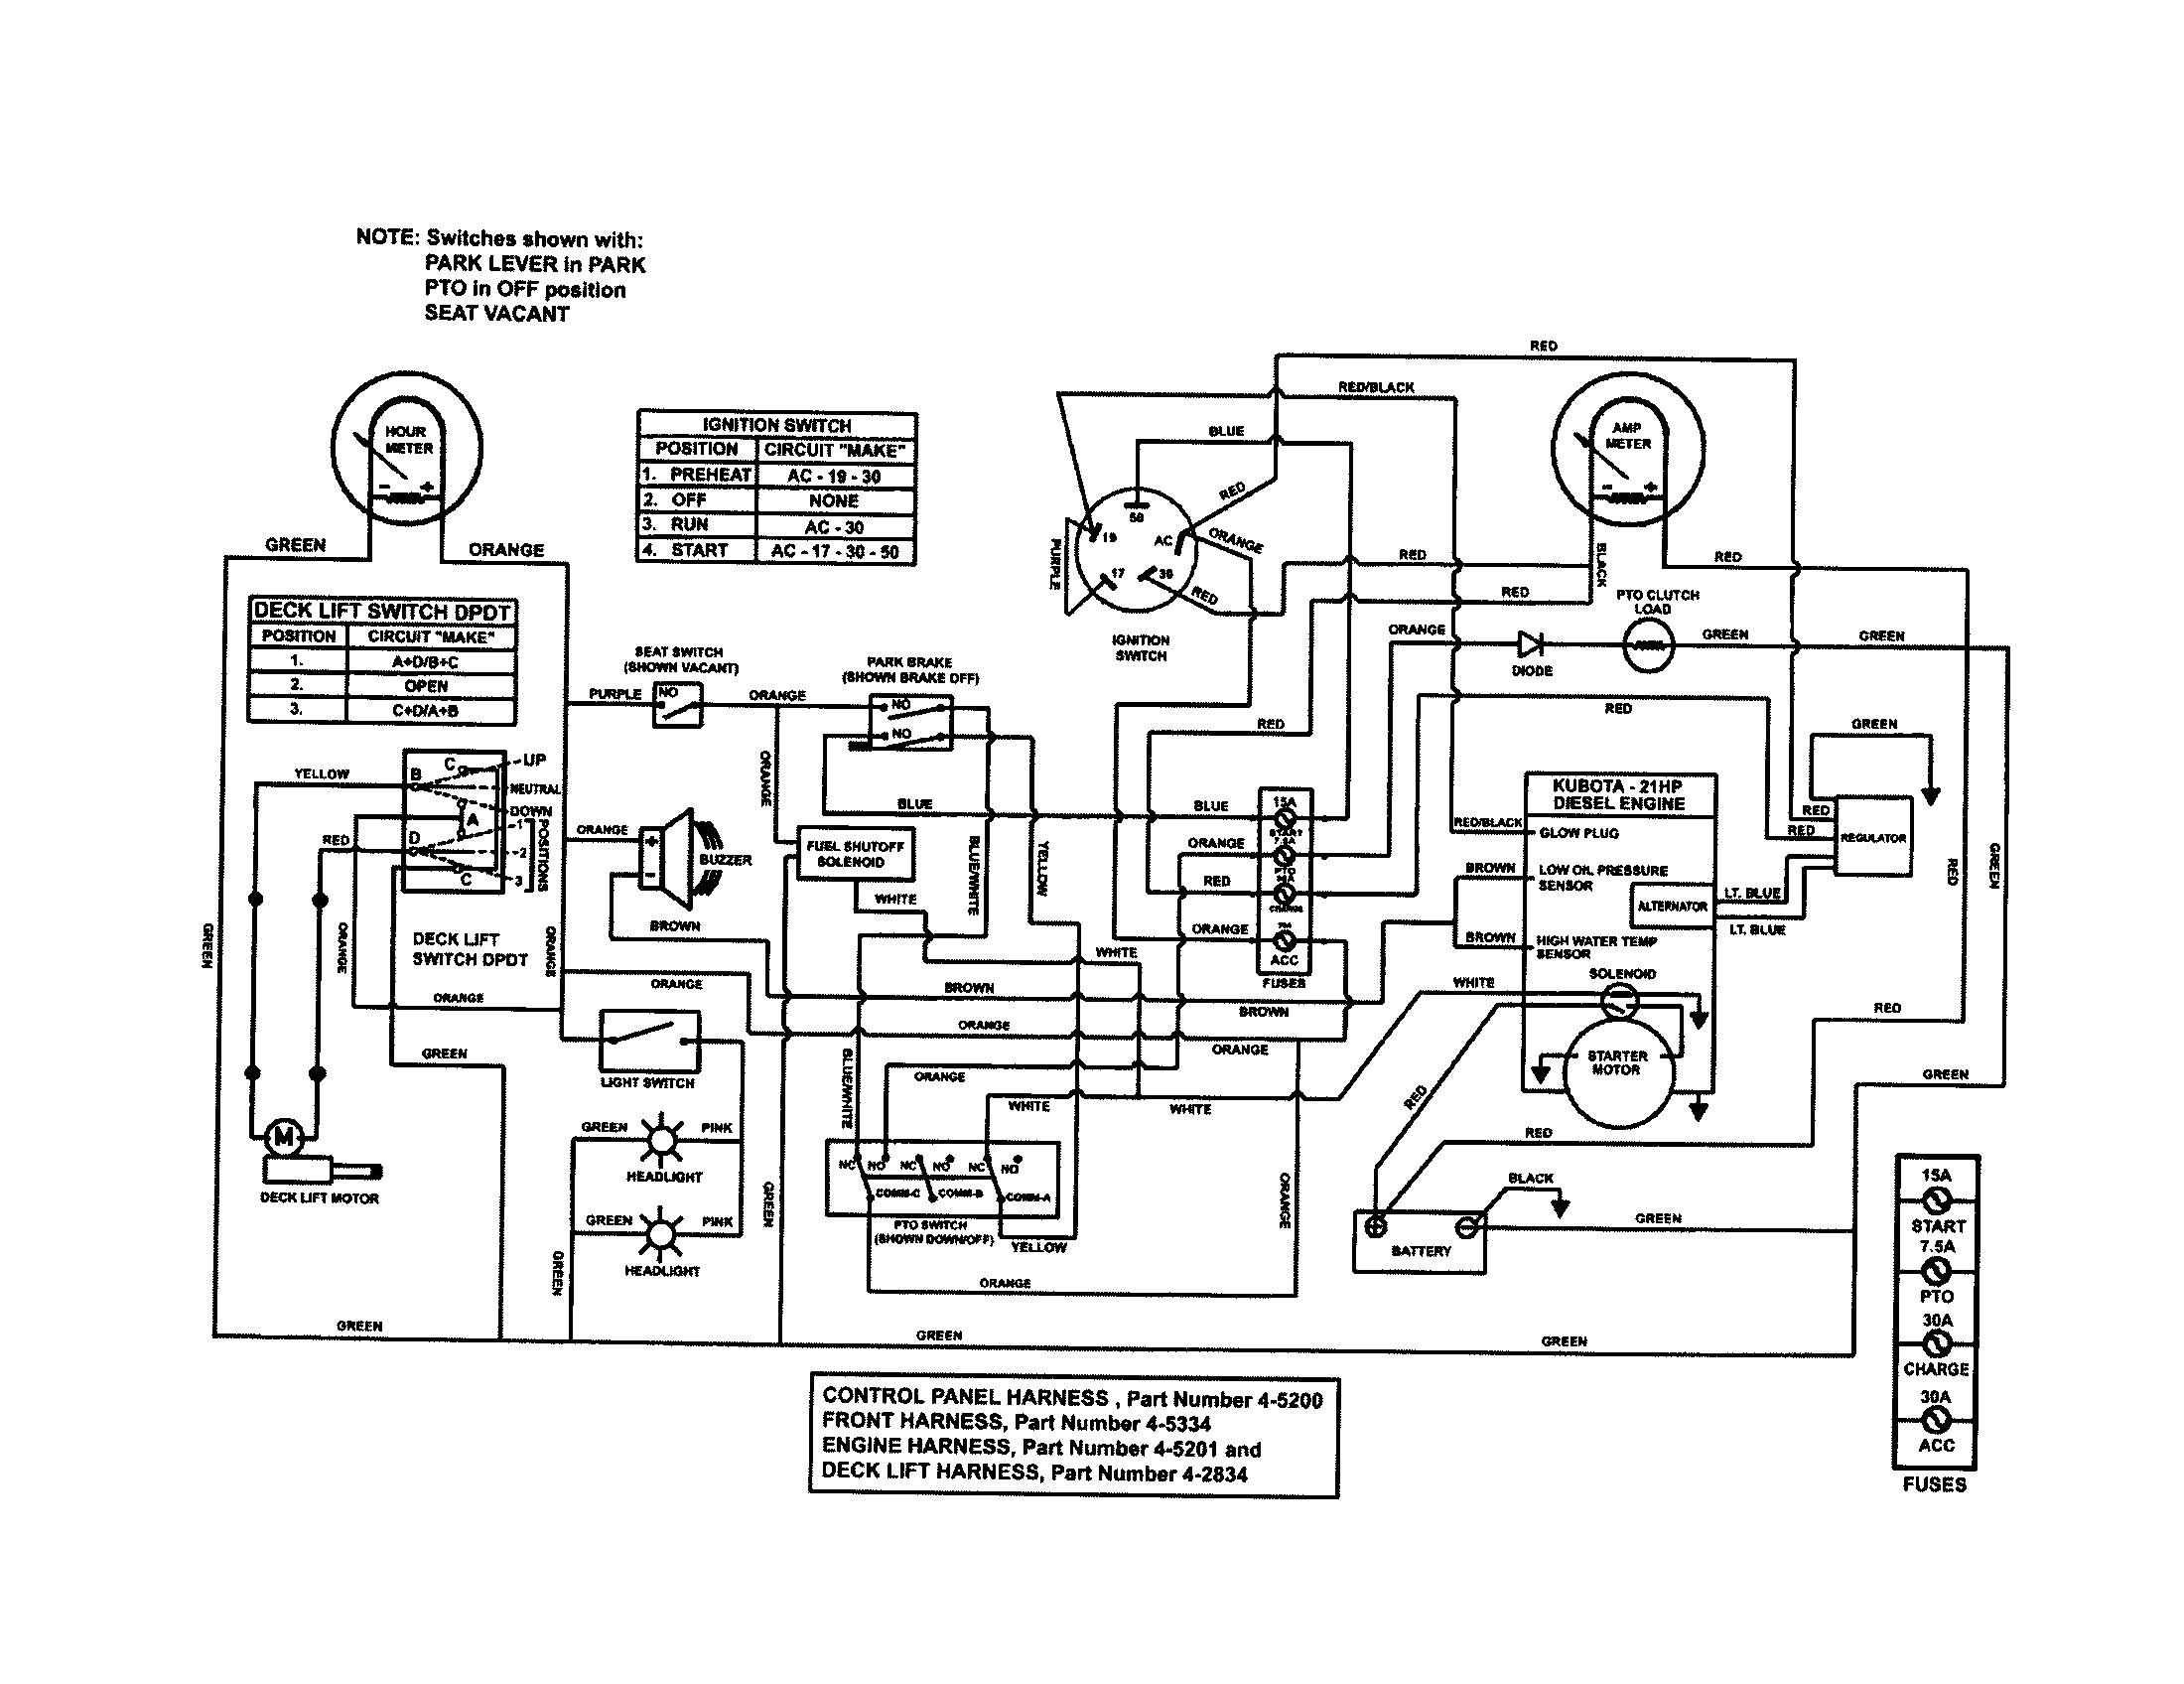 Kubota Rtv 500 Engine Diagram Kubota Rtv 500 Engine